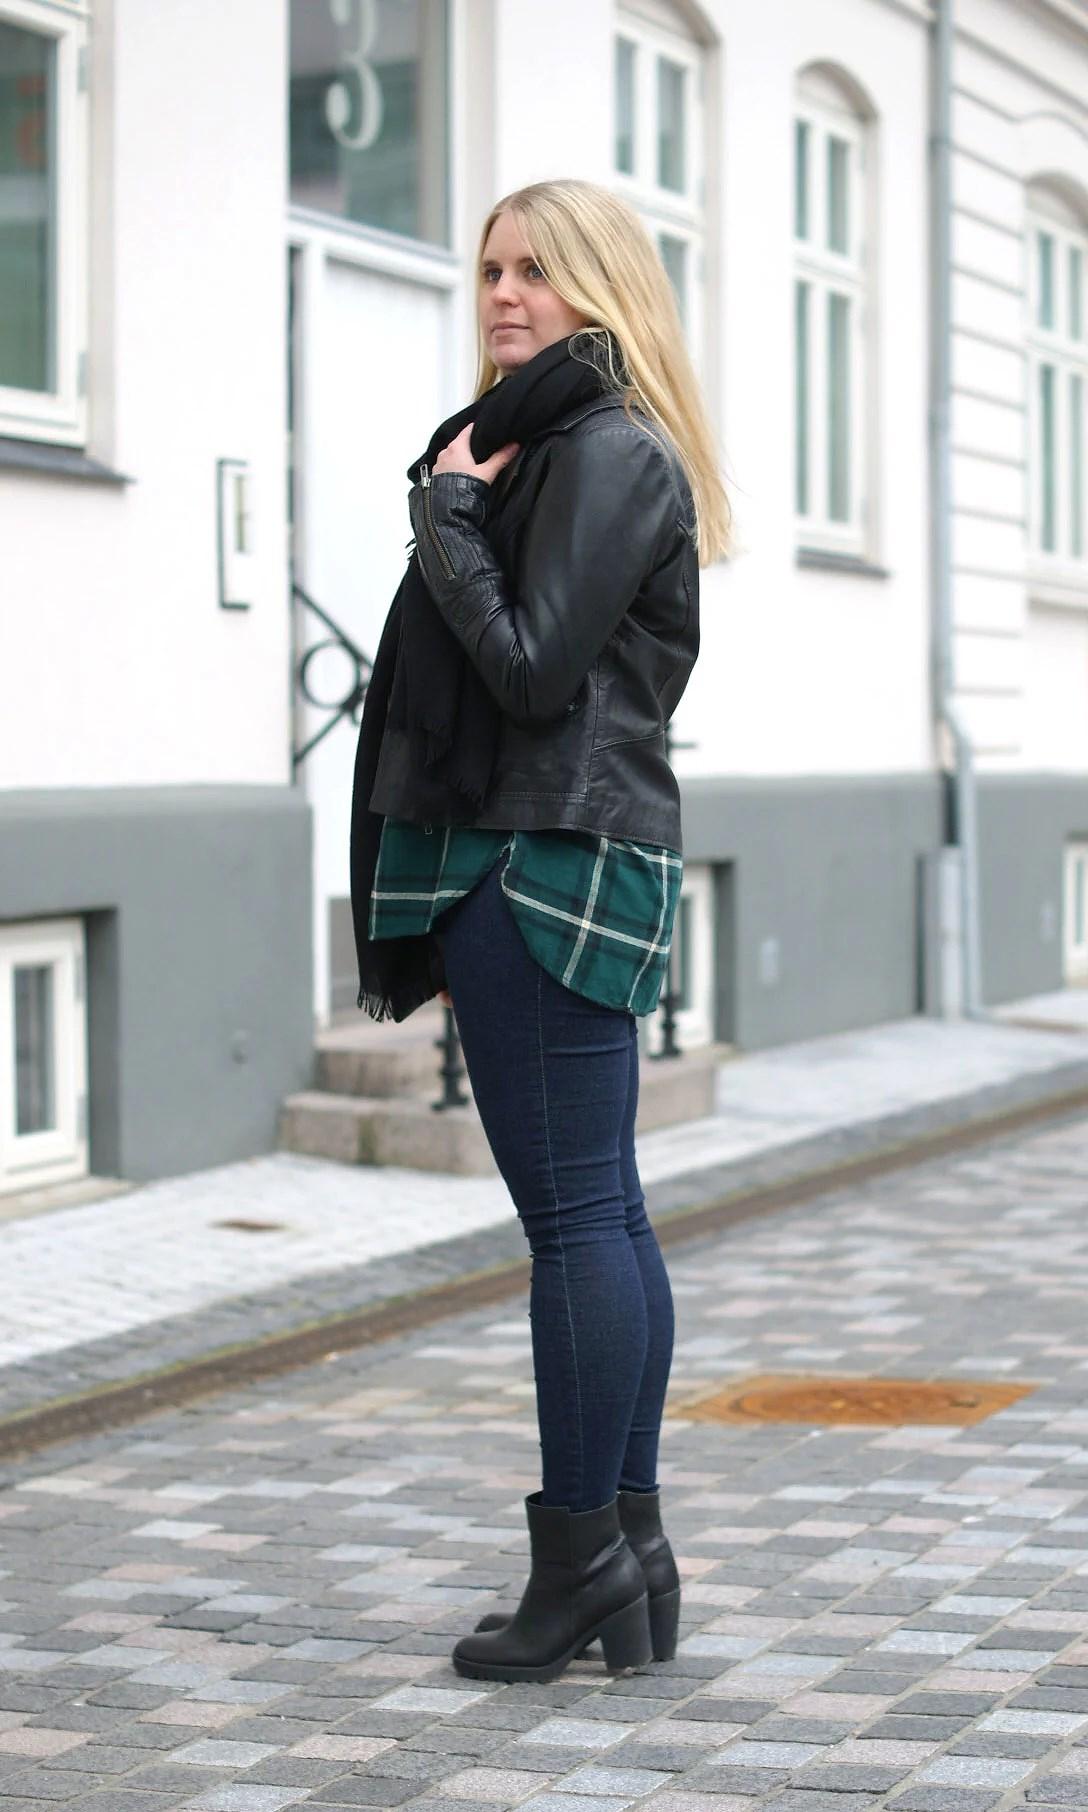 Aalborg-modeblogger-Aalborgmodeblogger-Aalborgmodeblog-It's My Passions-Julie Mænnchen, H&M, H&M ternet skjorte